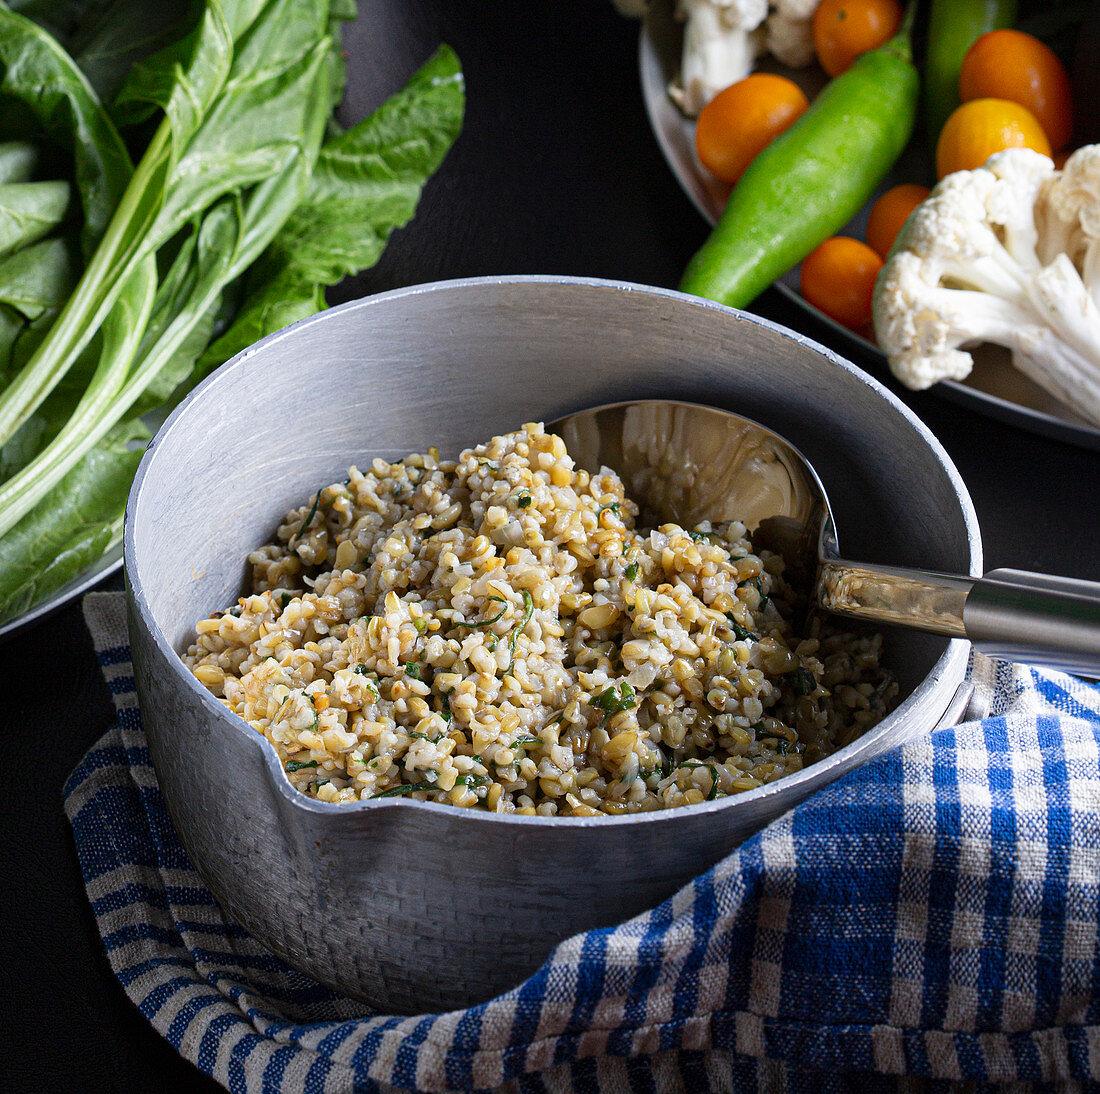 Levante Küche: Freekeh (gekochter, grüner, junger Weizen) mit Spinat und Knoblauch